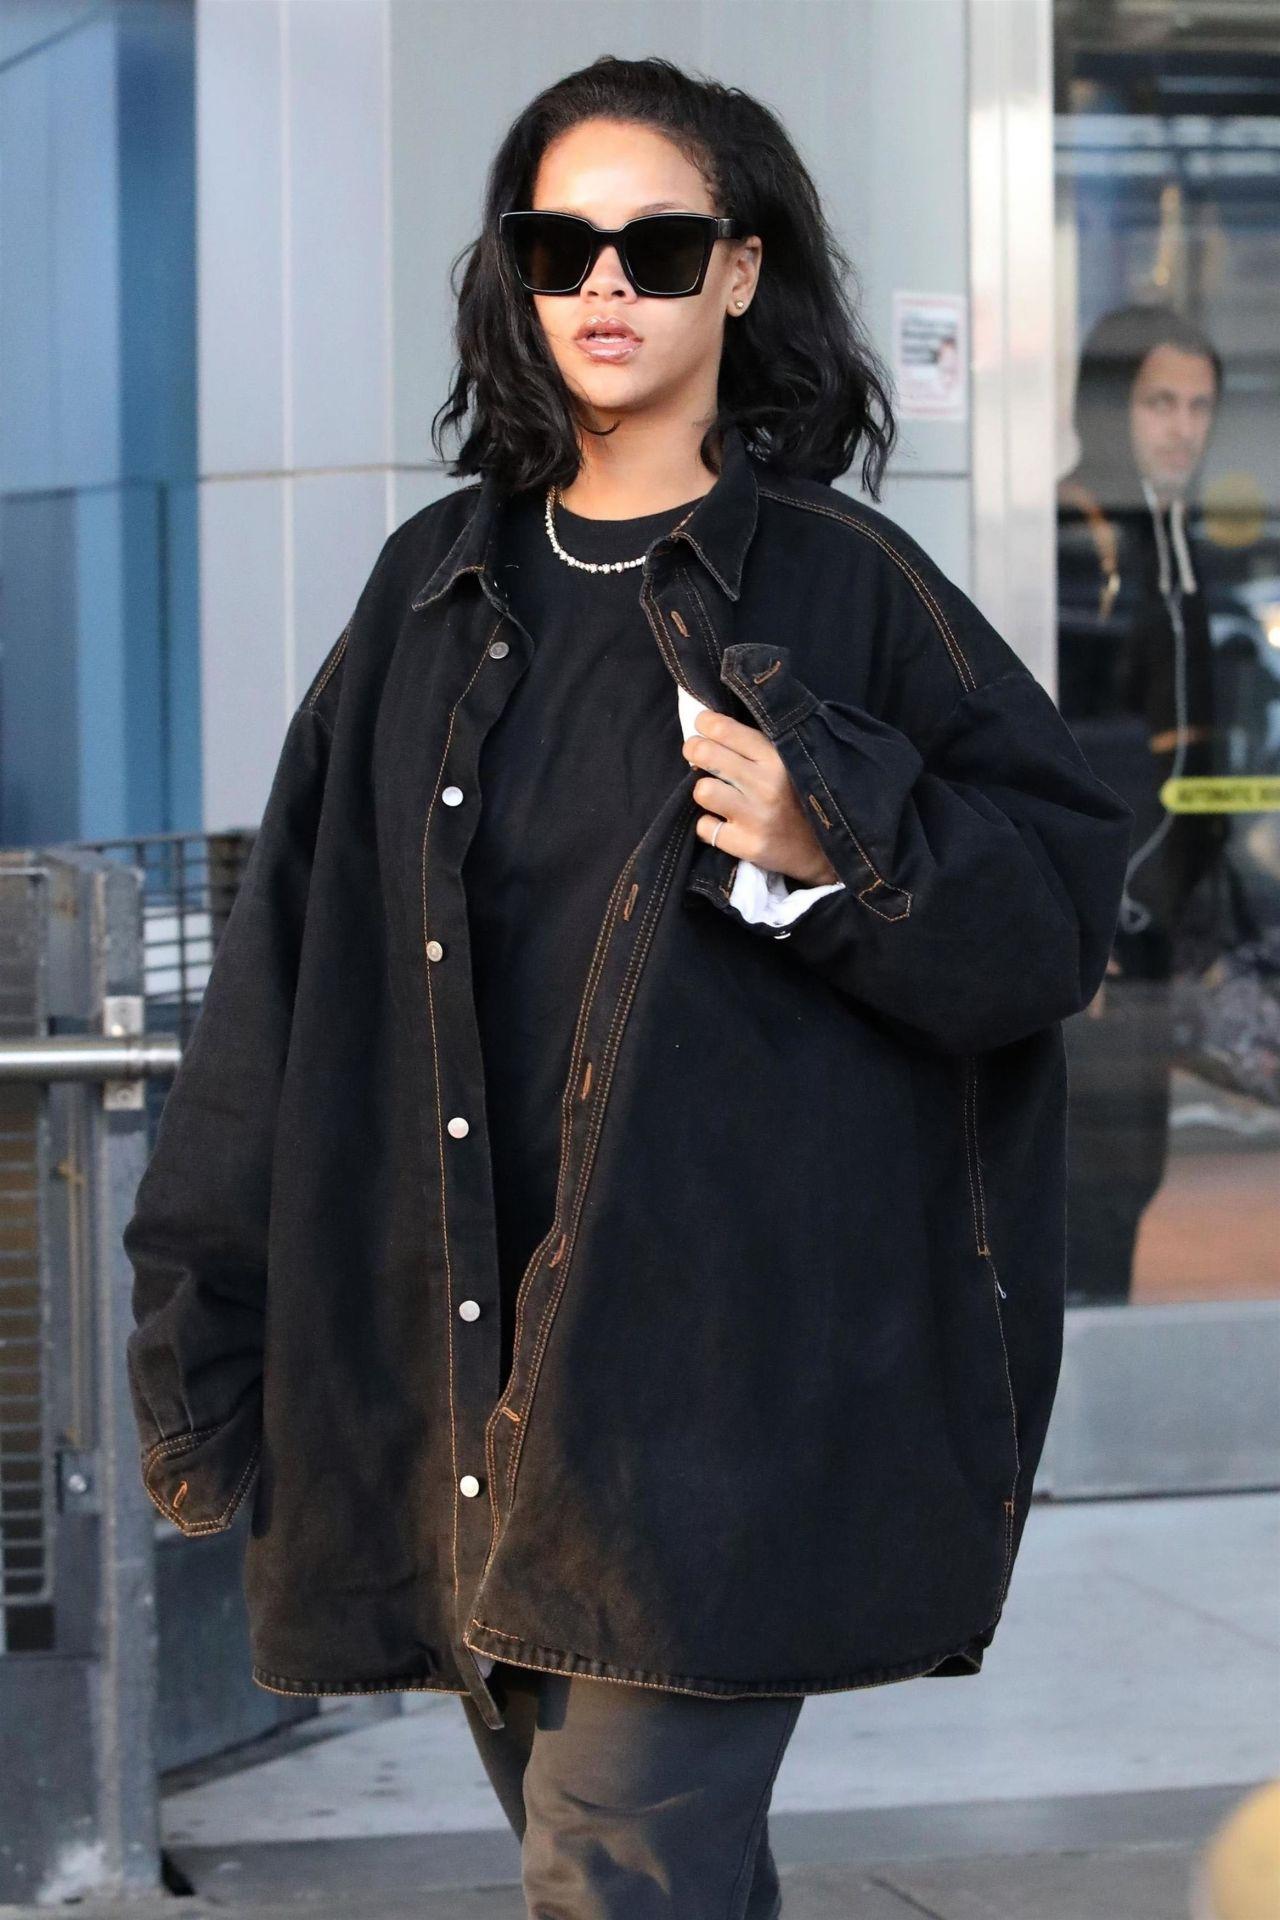 Rihanna Travel Style 01 28 2019